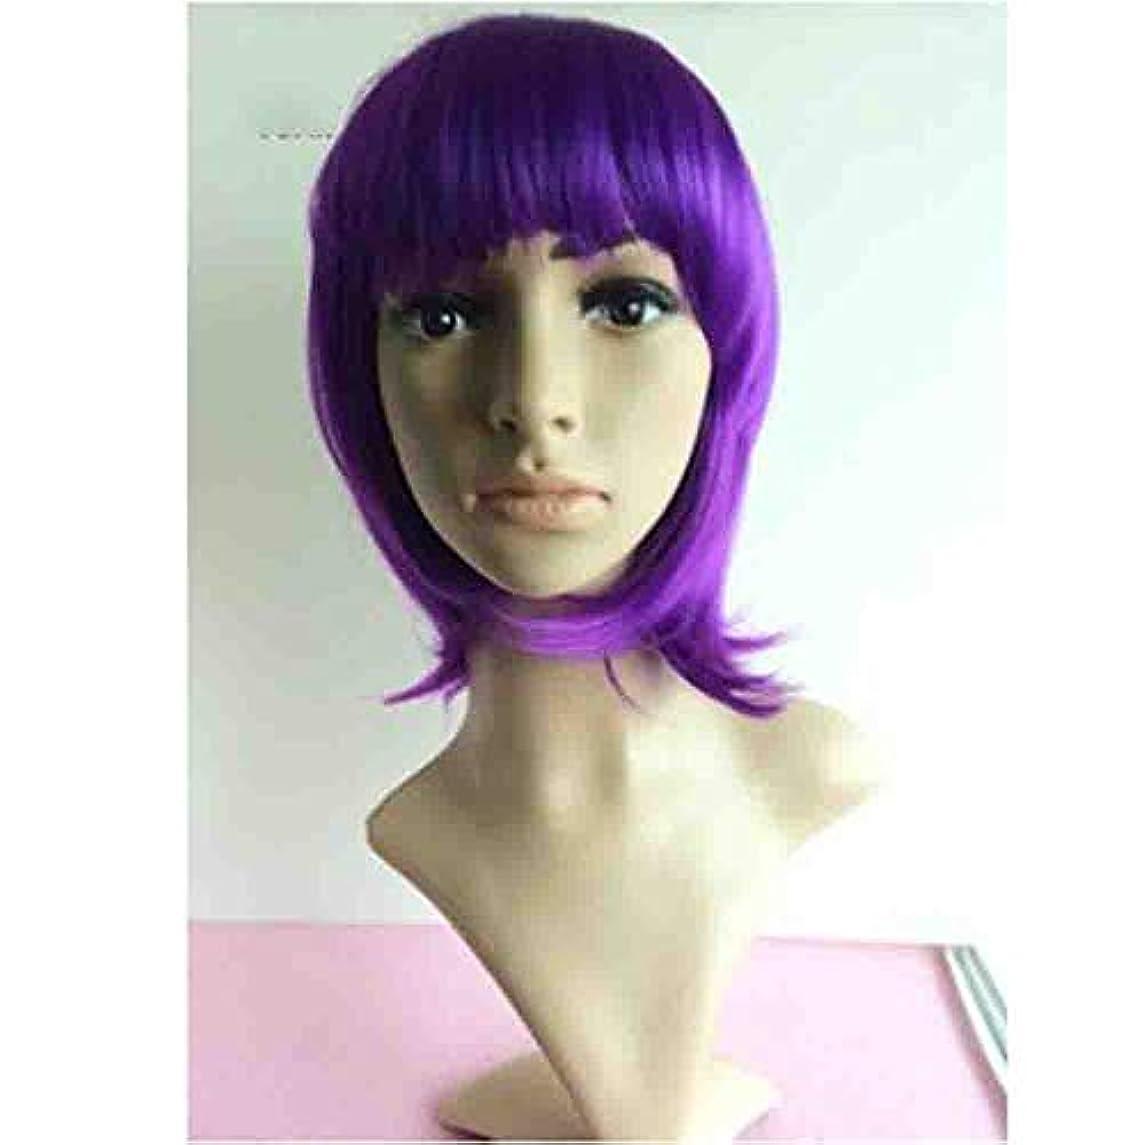 短命伝染病生産的女性のための色のかつら、ロリータショートポニーテールコスプレウィッグ、高密度温度合成かつらコスプレヘアウィッグ、耐熱繊維ヘアウィッグ